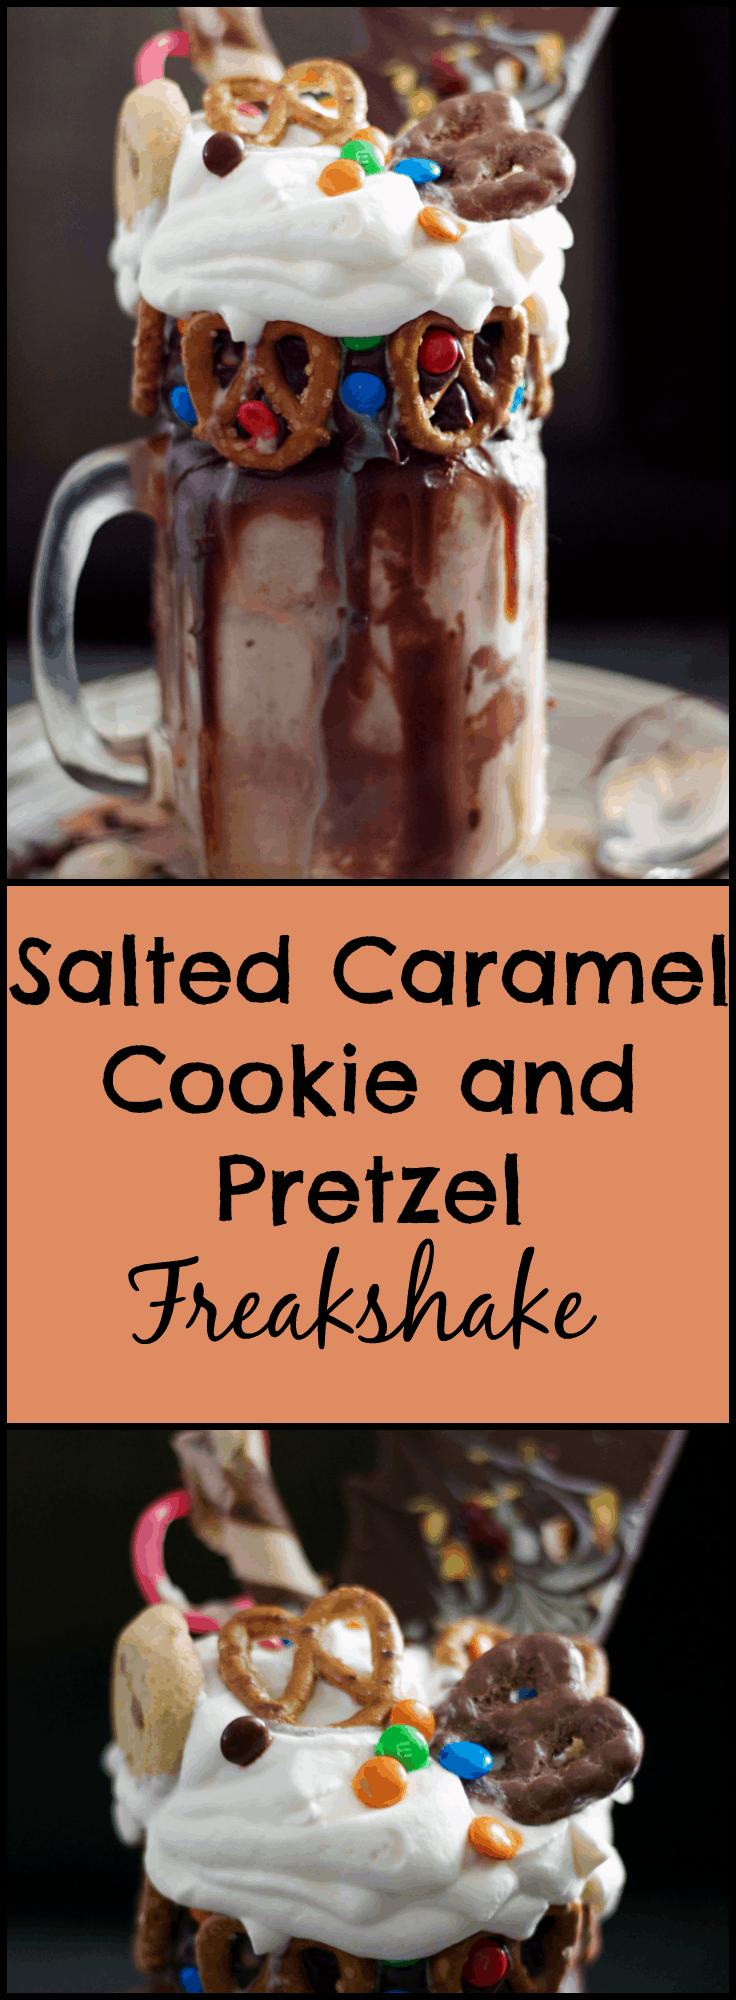 salted-caramel-cookie-and-pretzel-freakshake